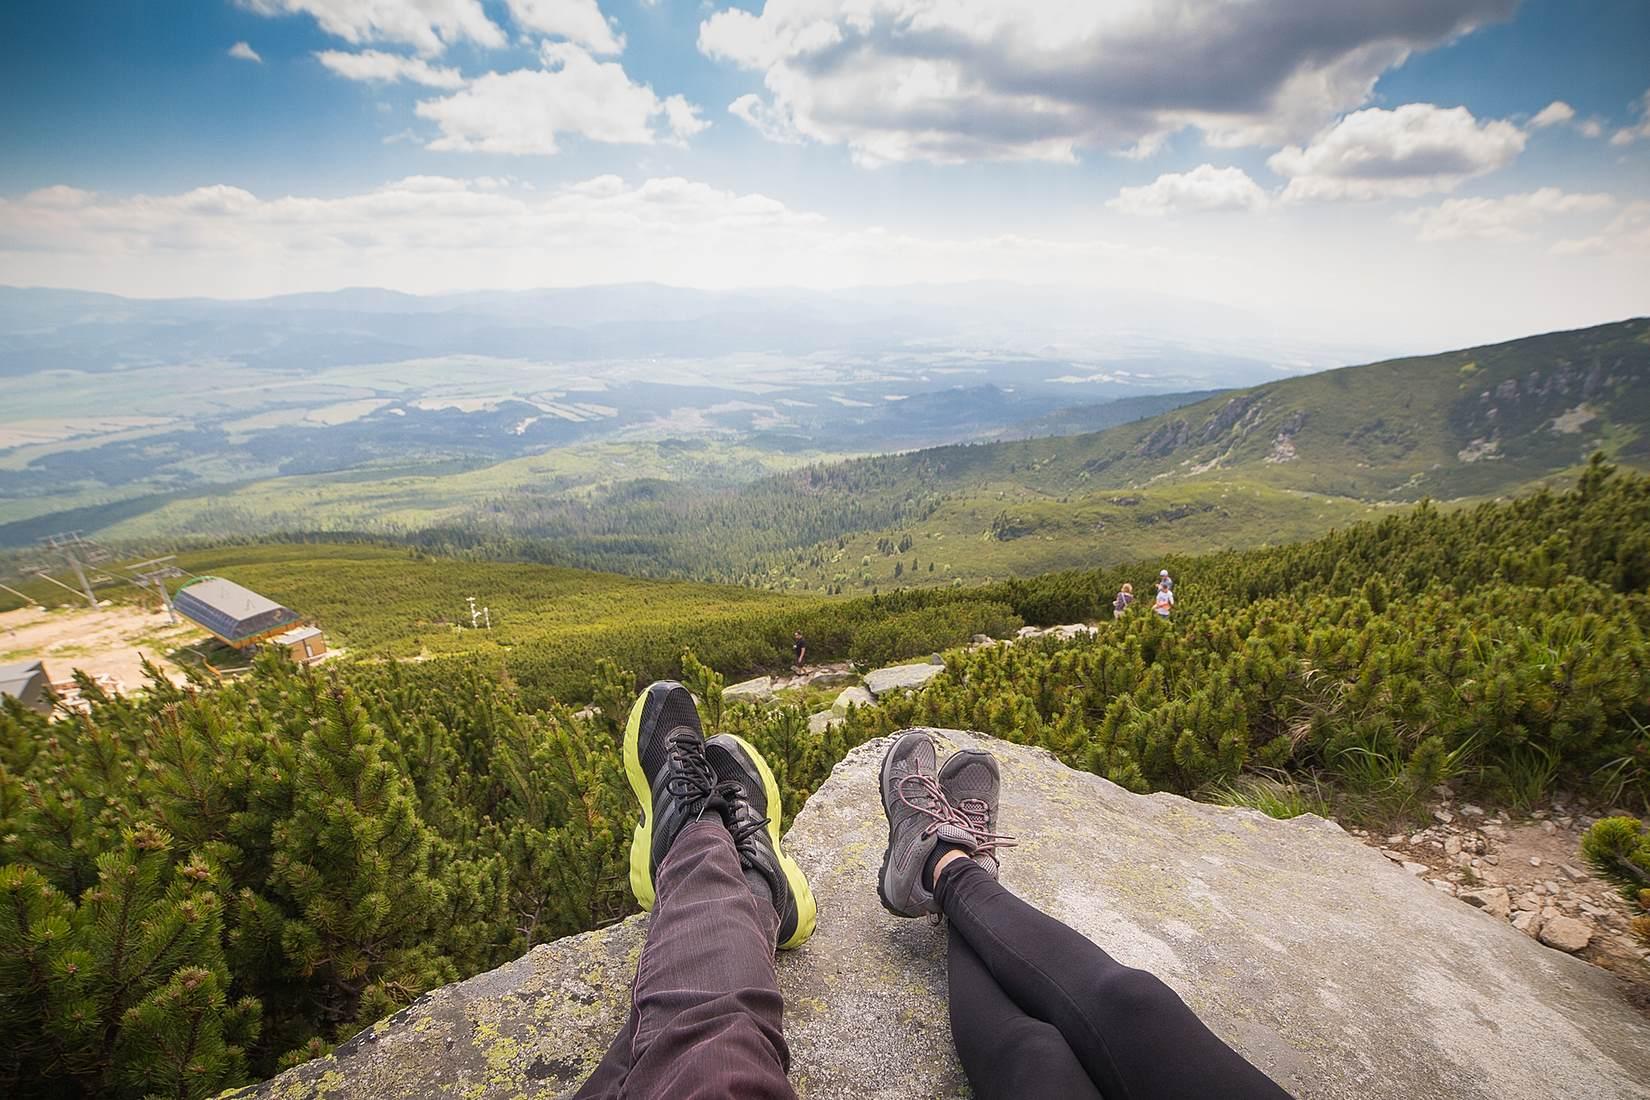 Two Hikers Taking a Break